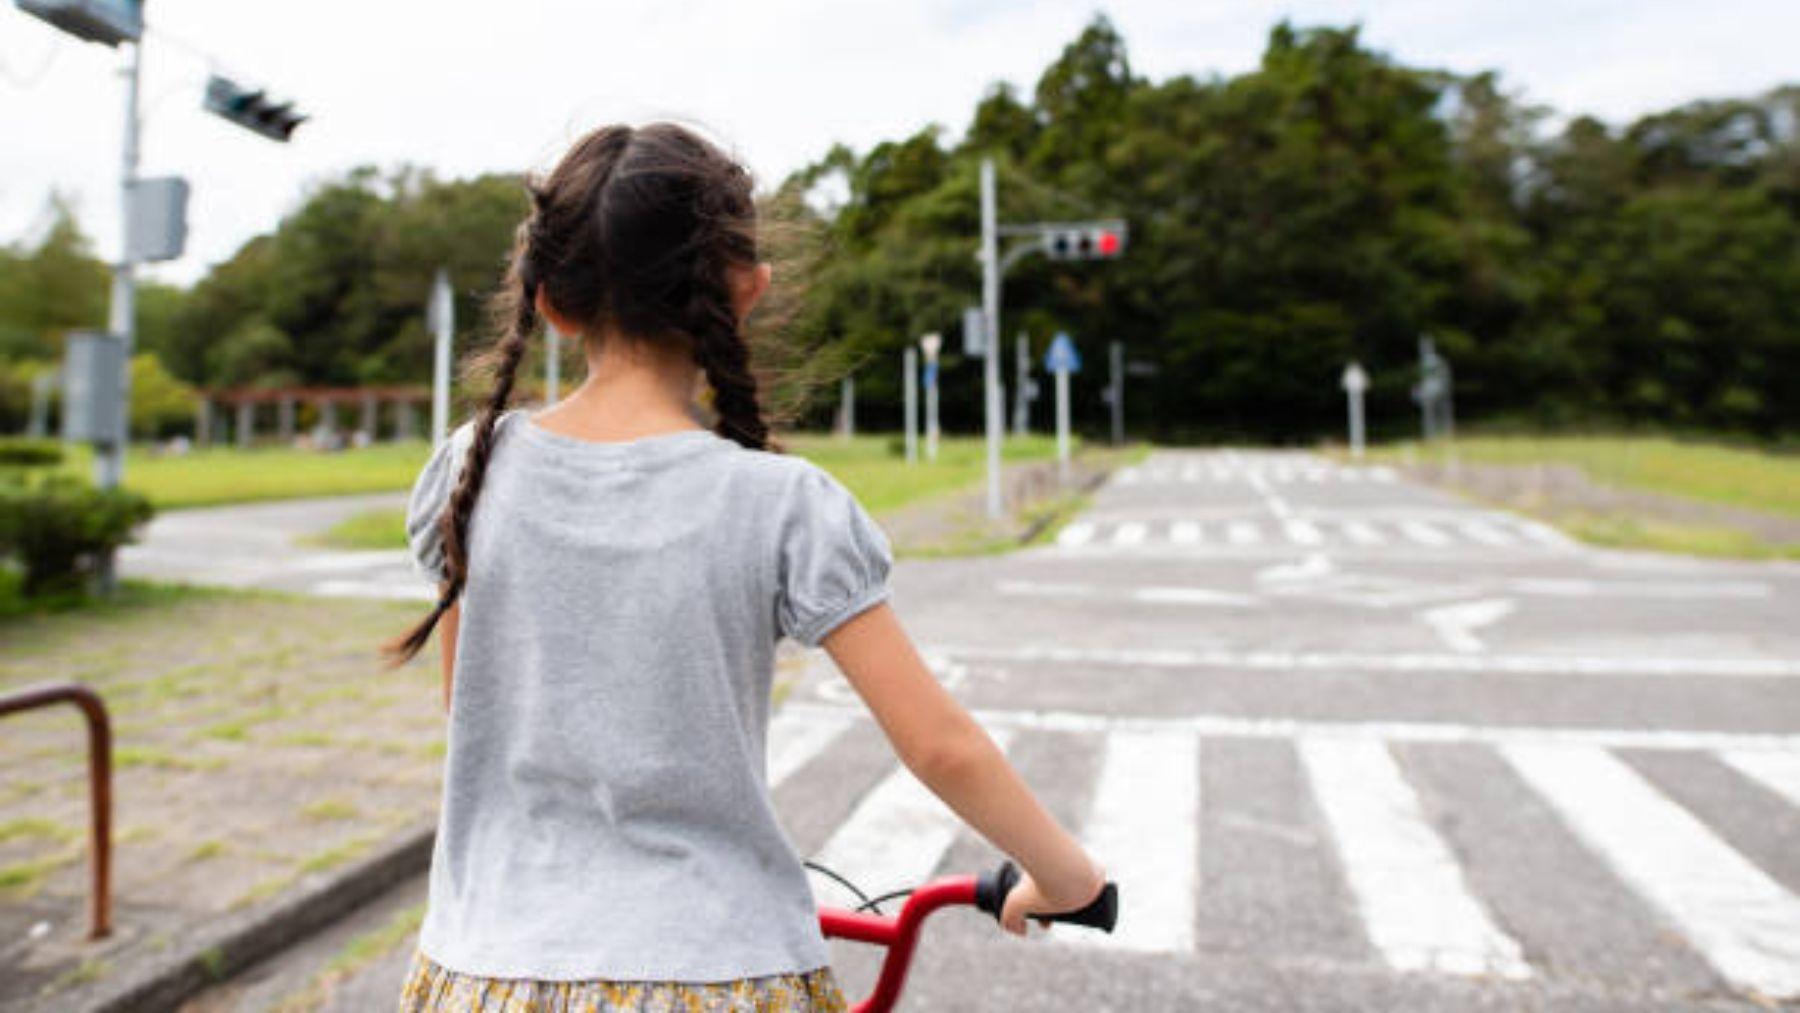 Descubre la importancia de la educación vial para los niños y cómo enseñarla